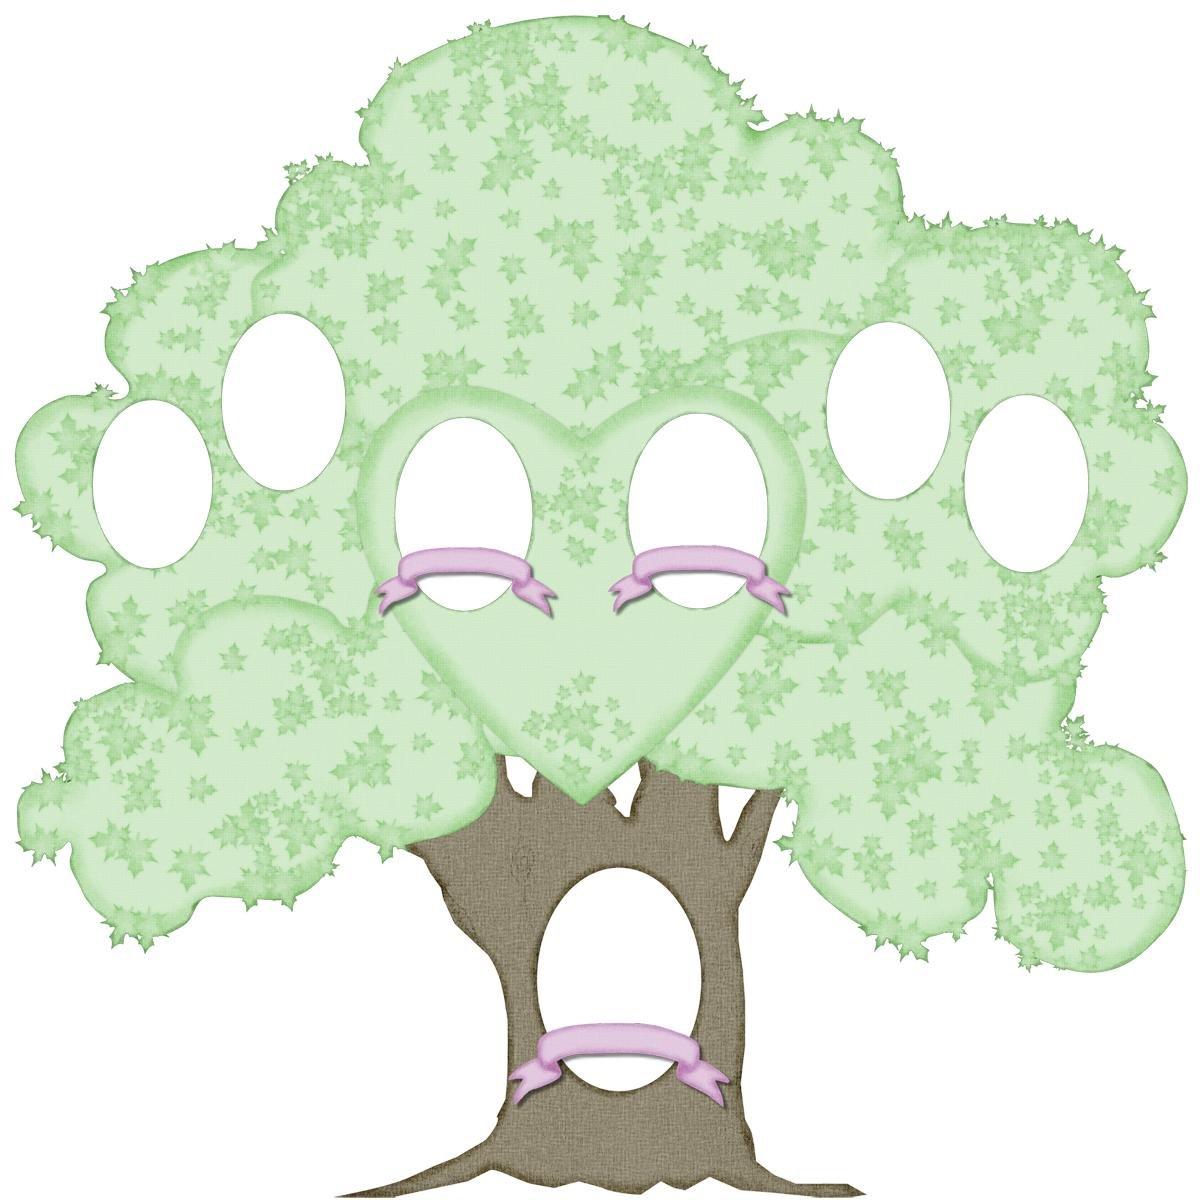 что генеологичне дерево картинки распечатать дни овуляции, напротив